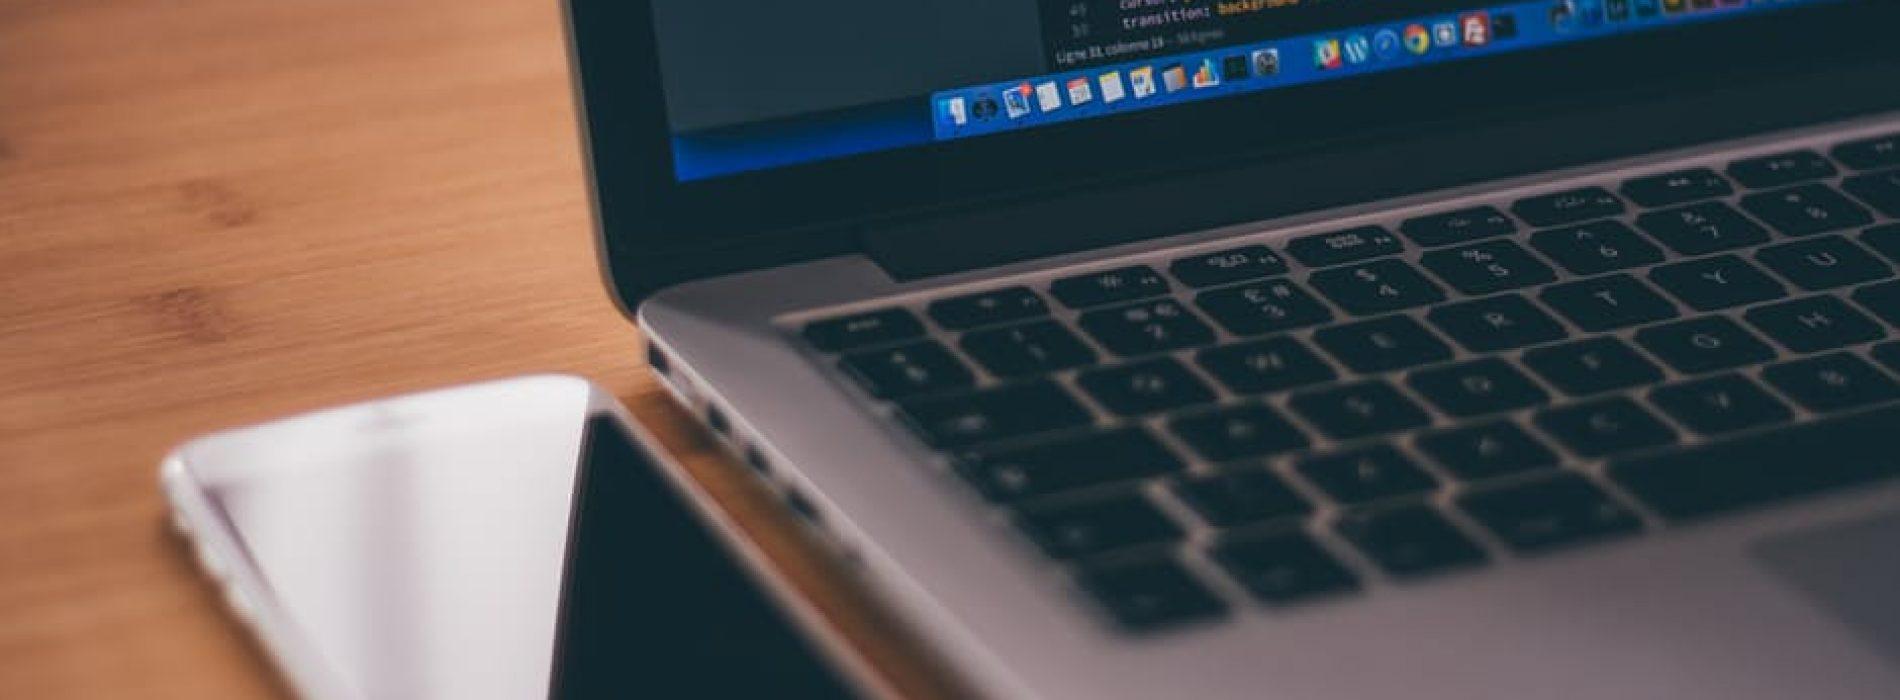 До края на 2016 почти половината свят ще бъде онлайн!